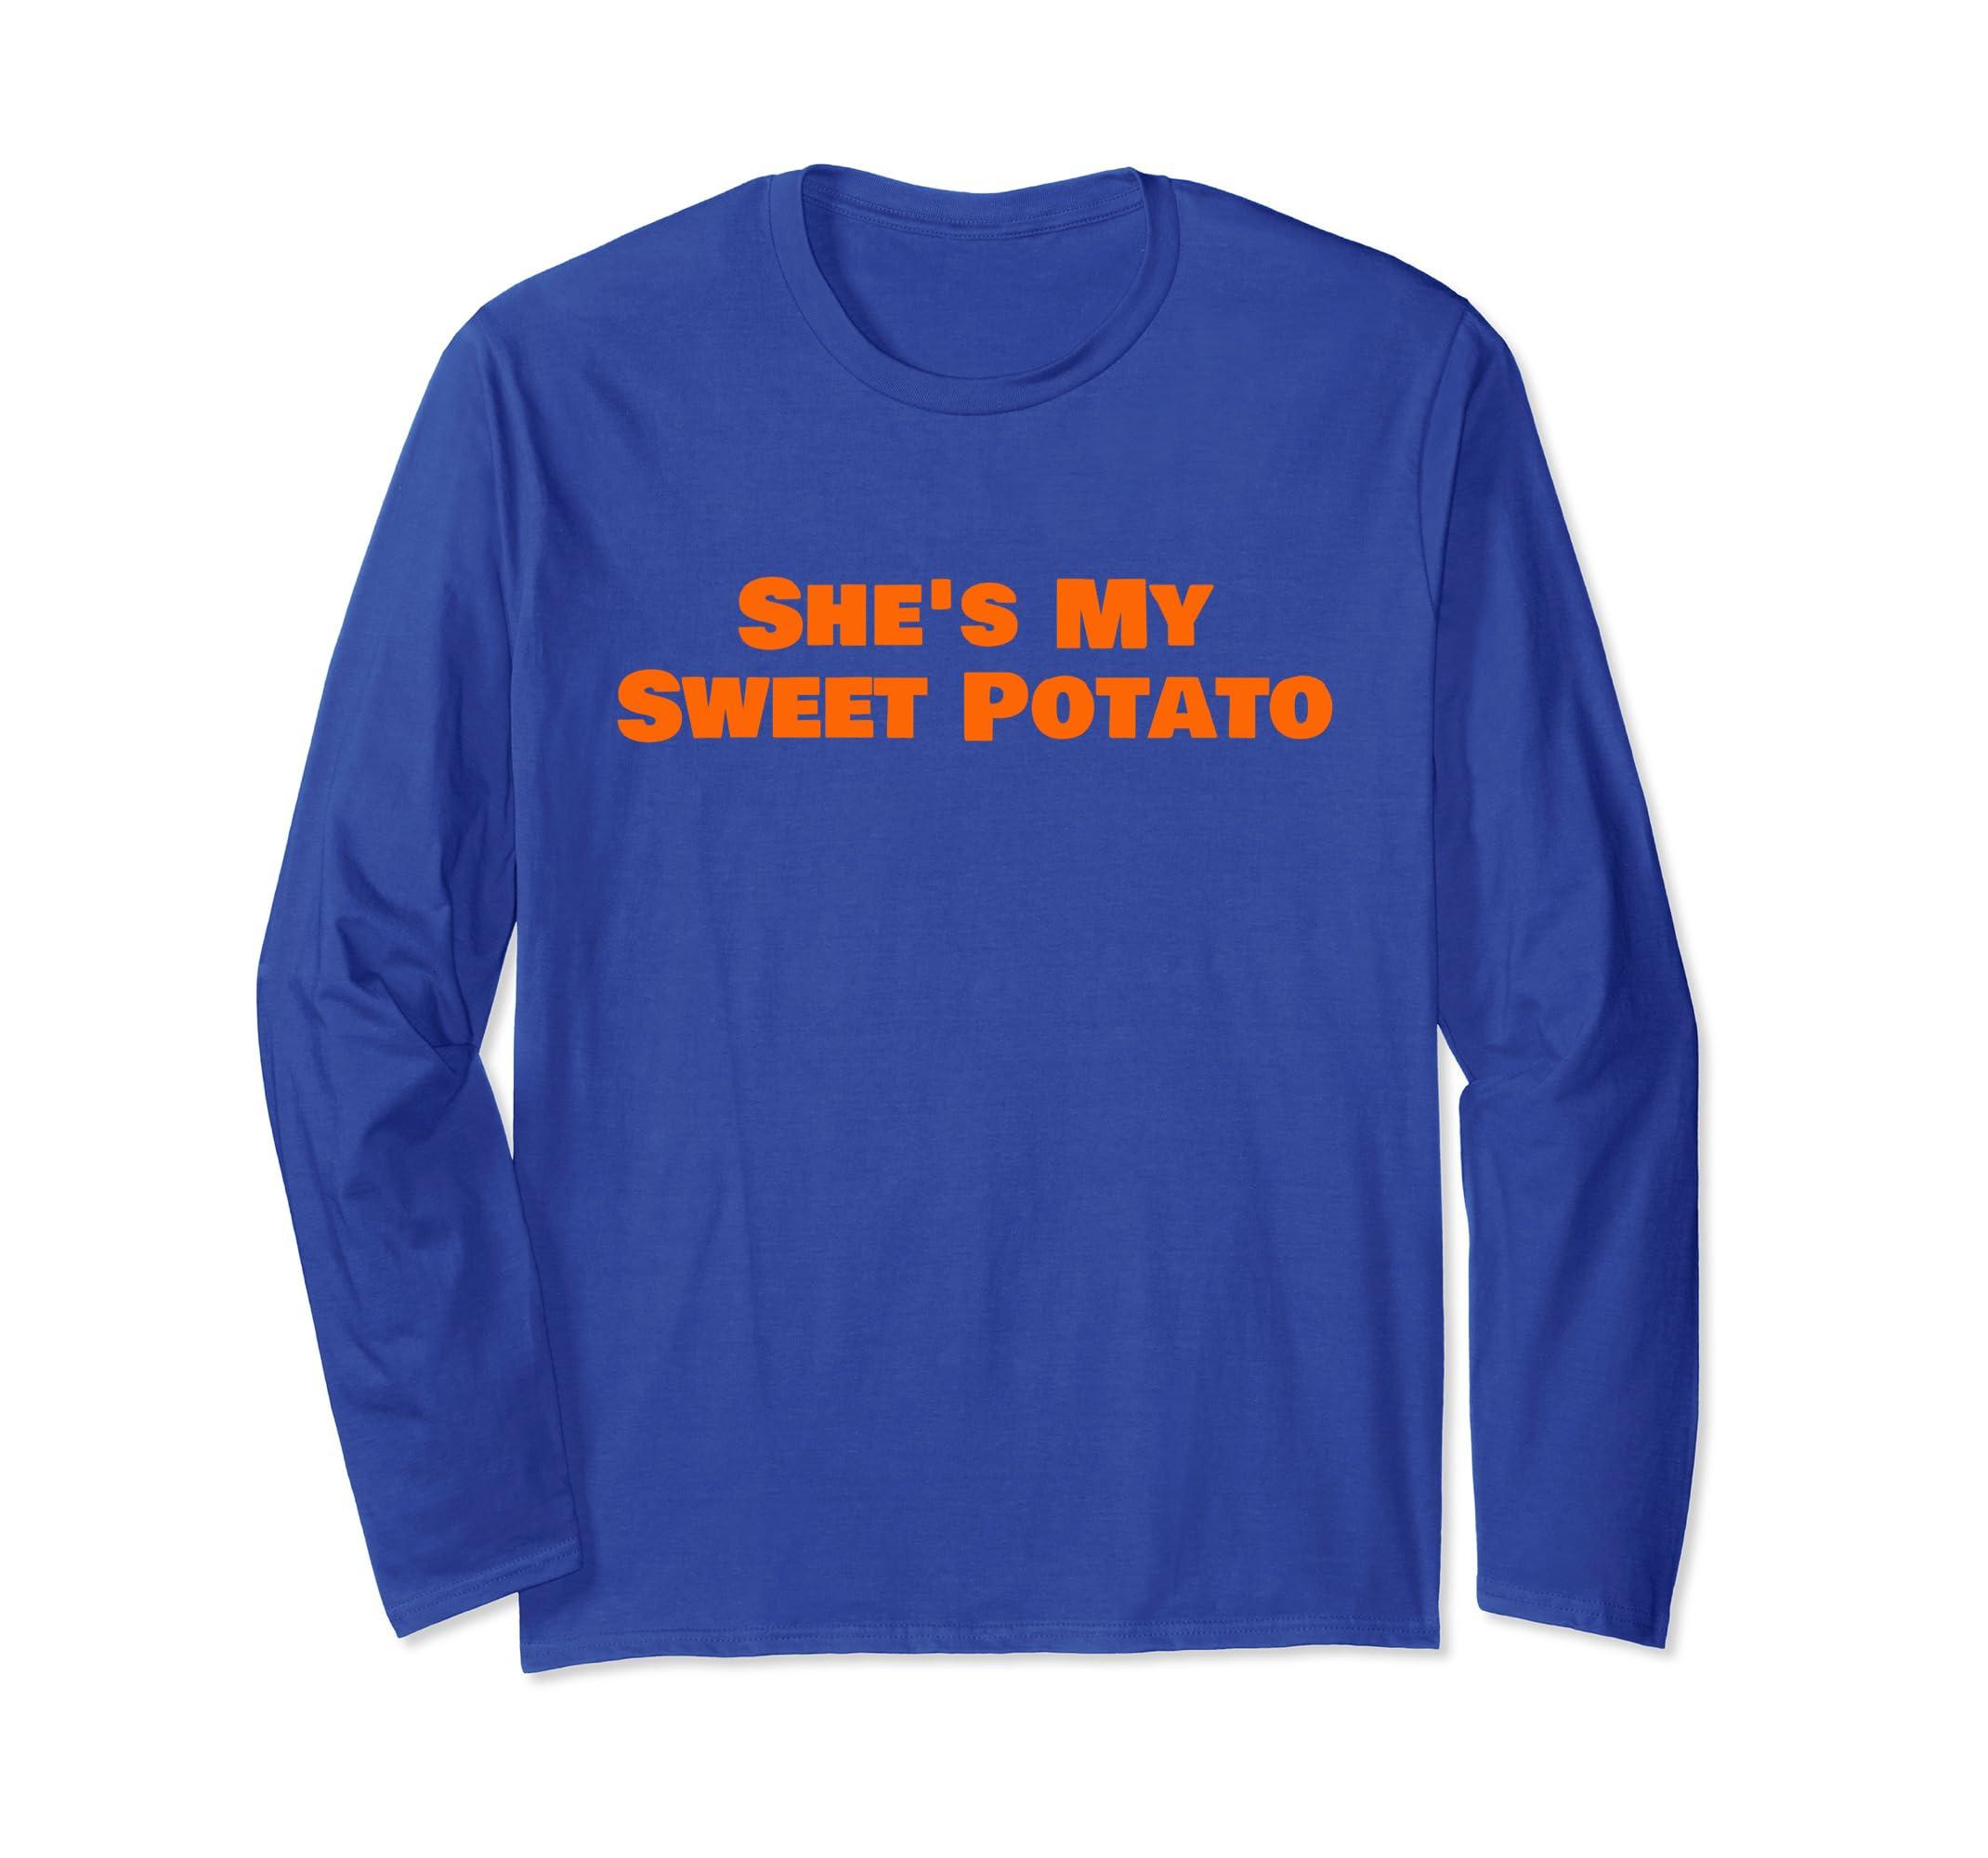 She's My Sweet Potato I Yam T shirt Matching Couple Shirts-4LVS